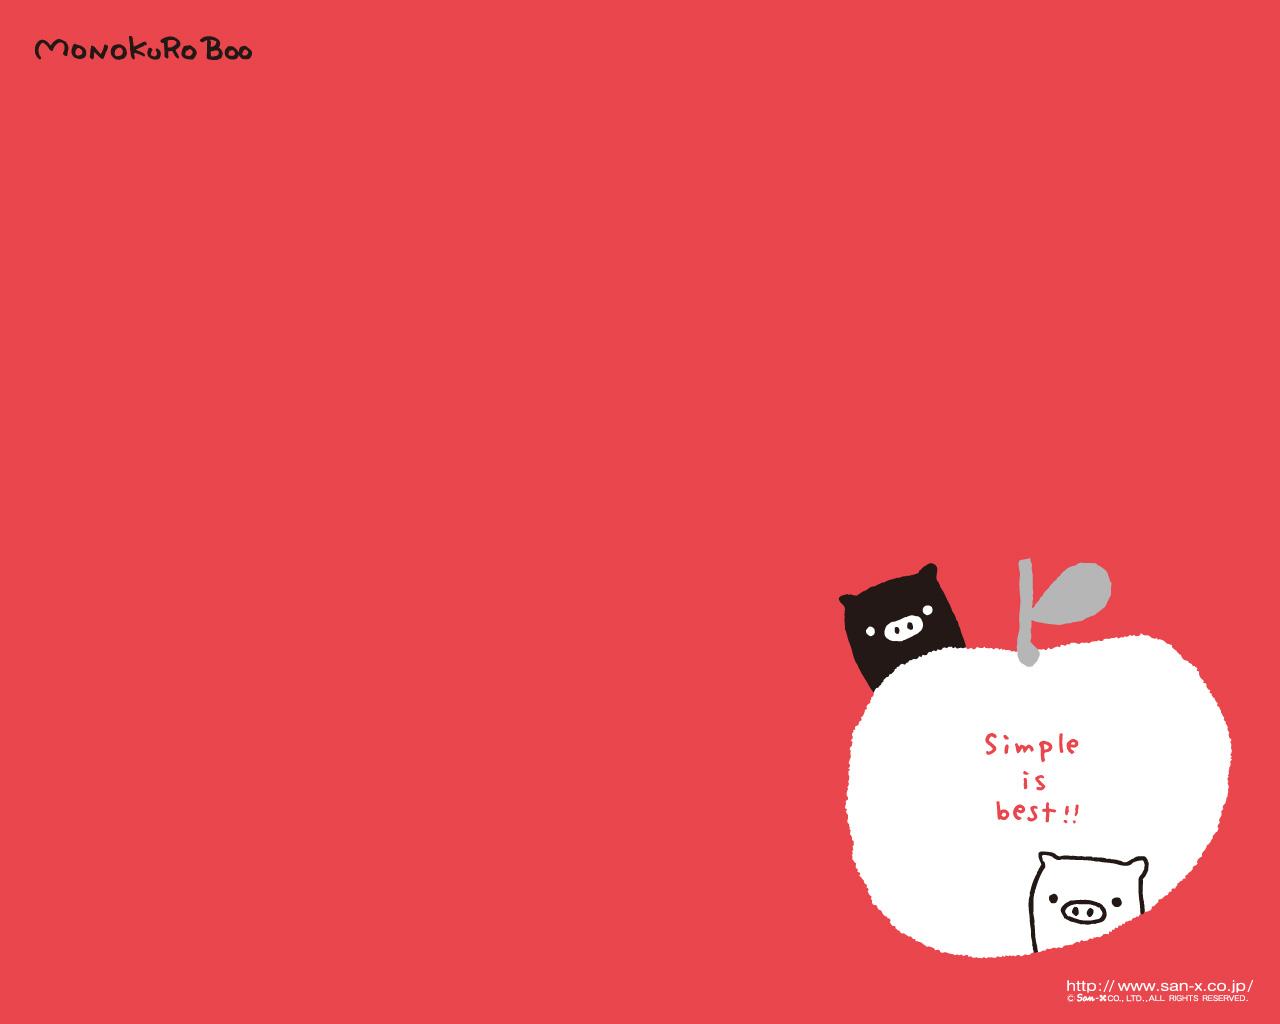 Pink Monokuro Boo Wallpaper Cartoon Wallpapers 1280x1024